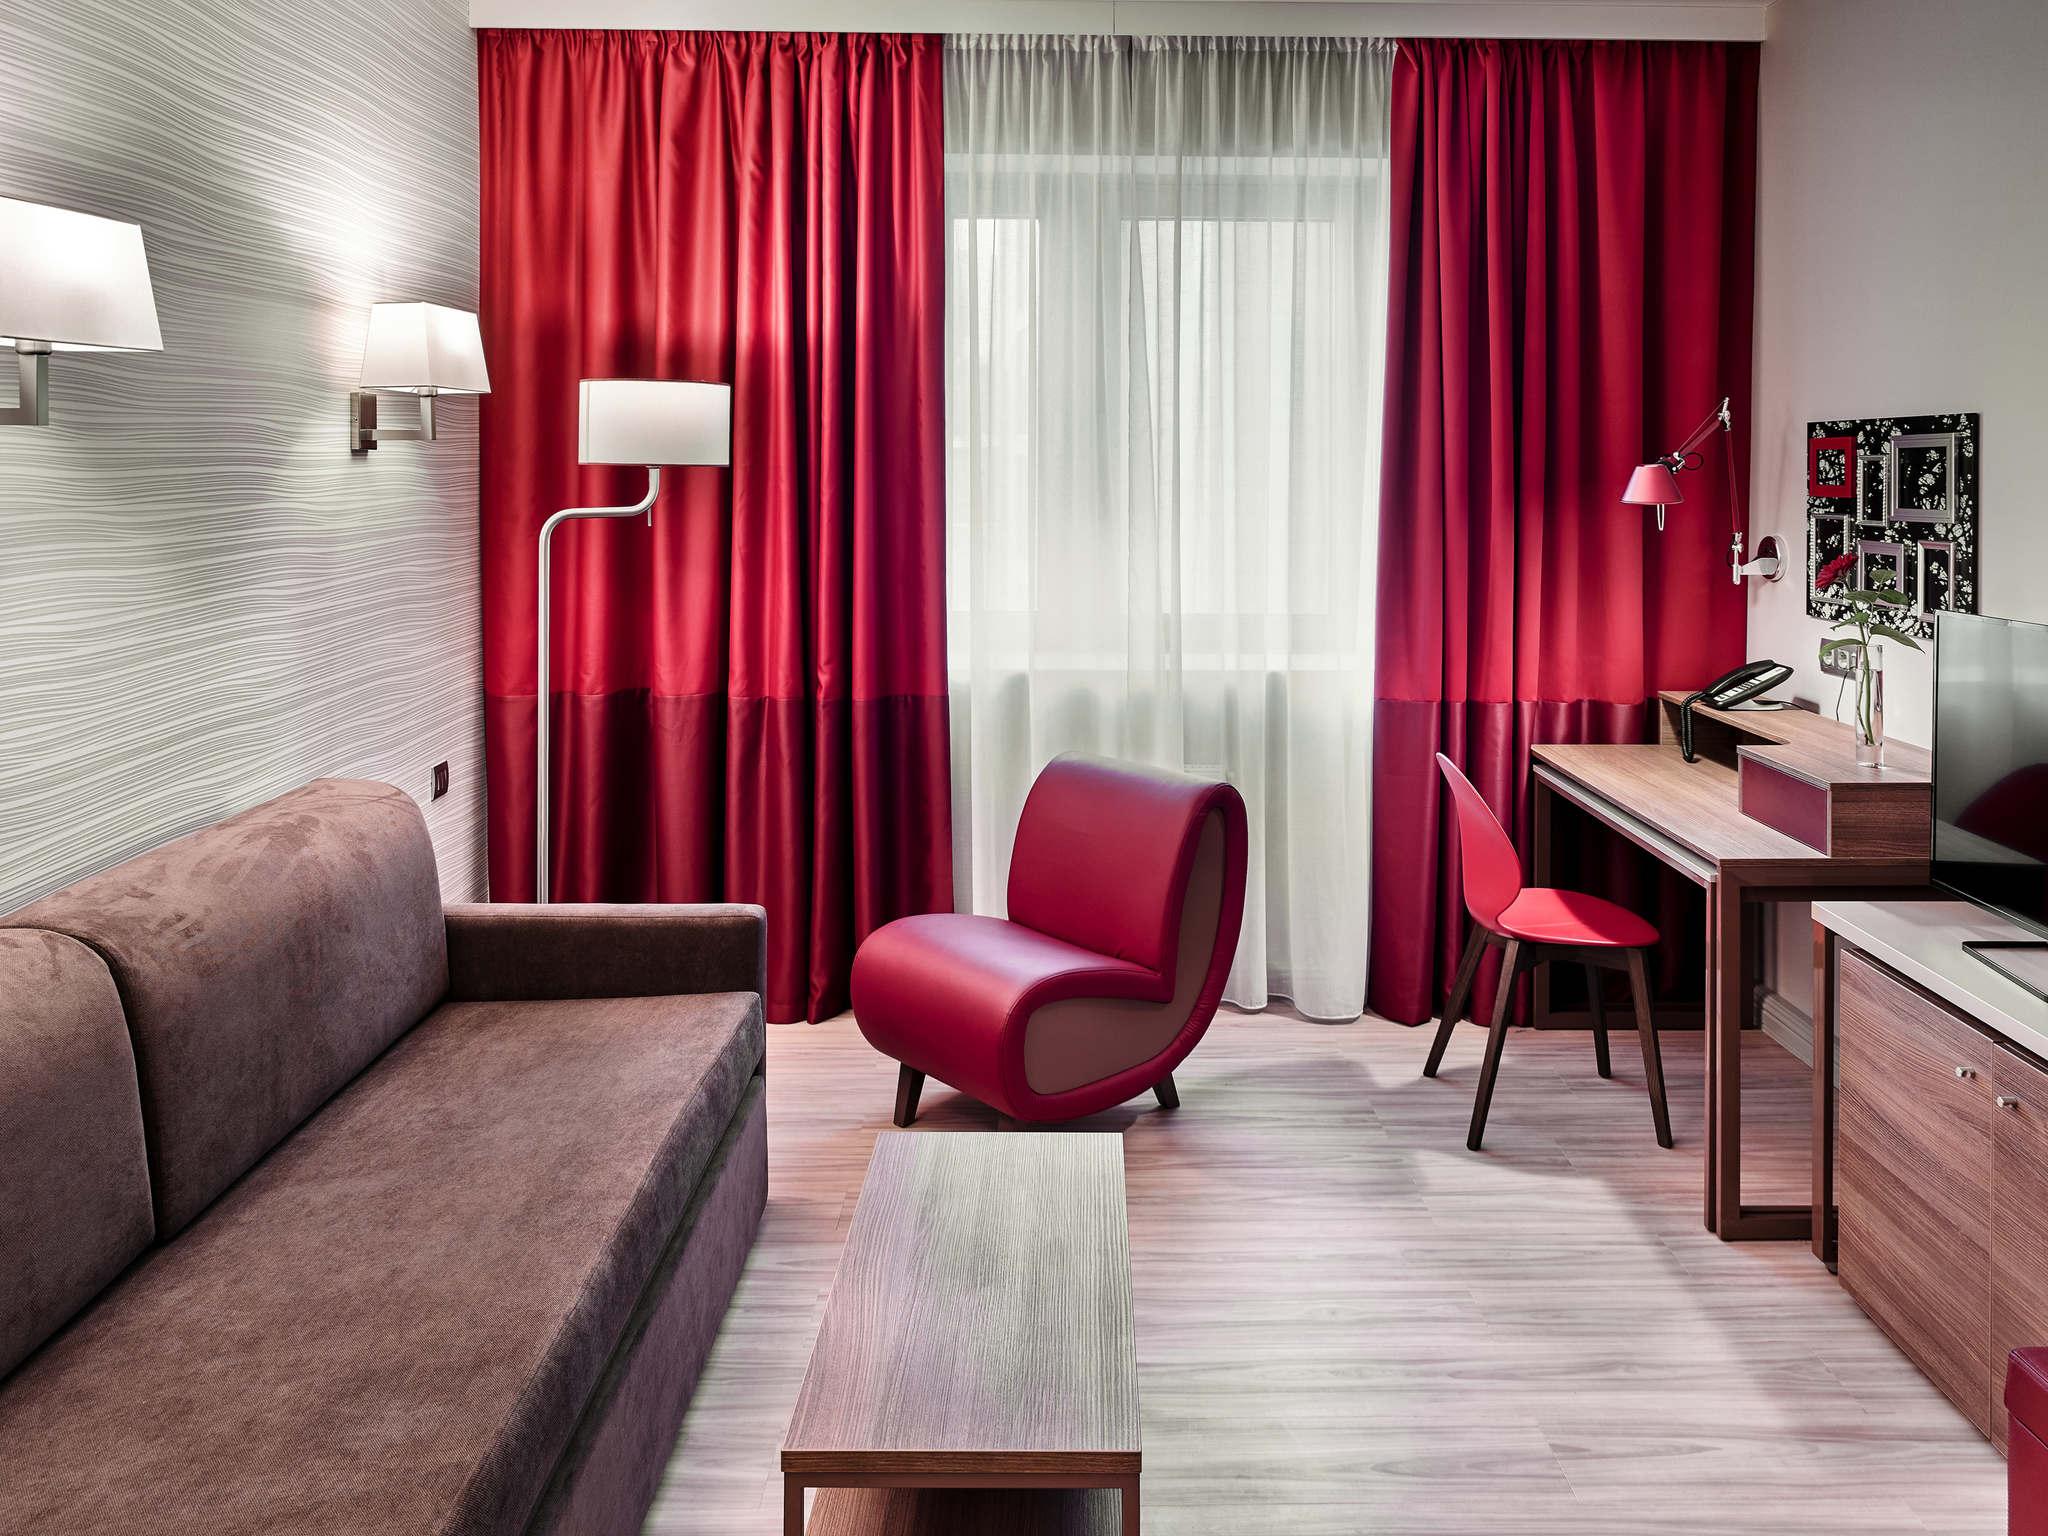 Hotel – Hotel de apartamentos Adagio Moscow Kievskaya